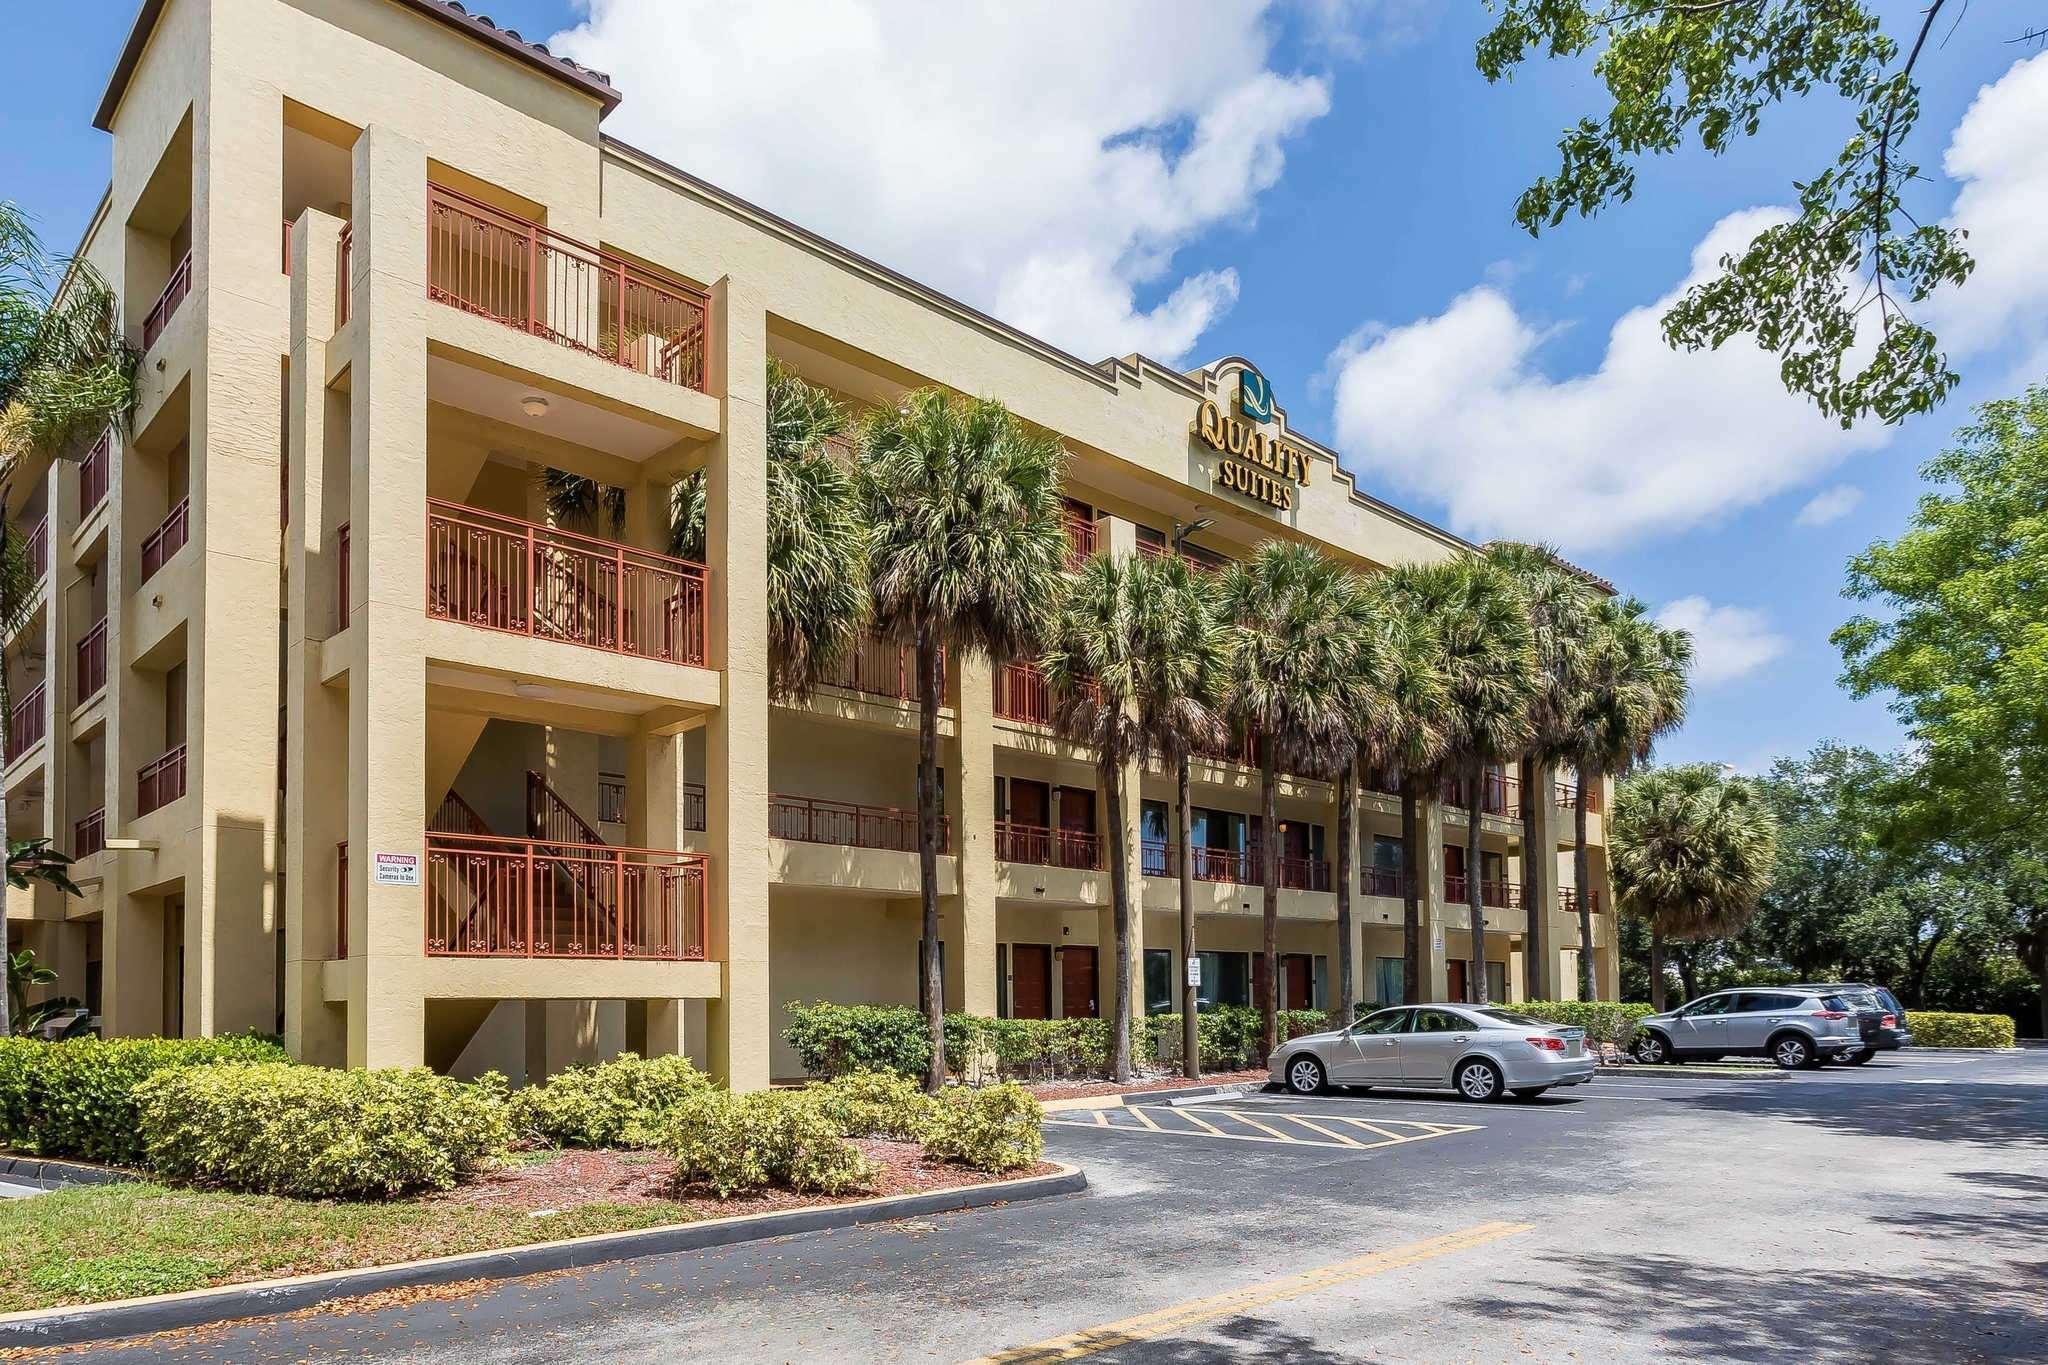 Quality Suites Hotel Deerfield Beach